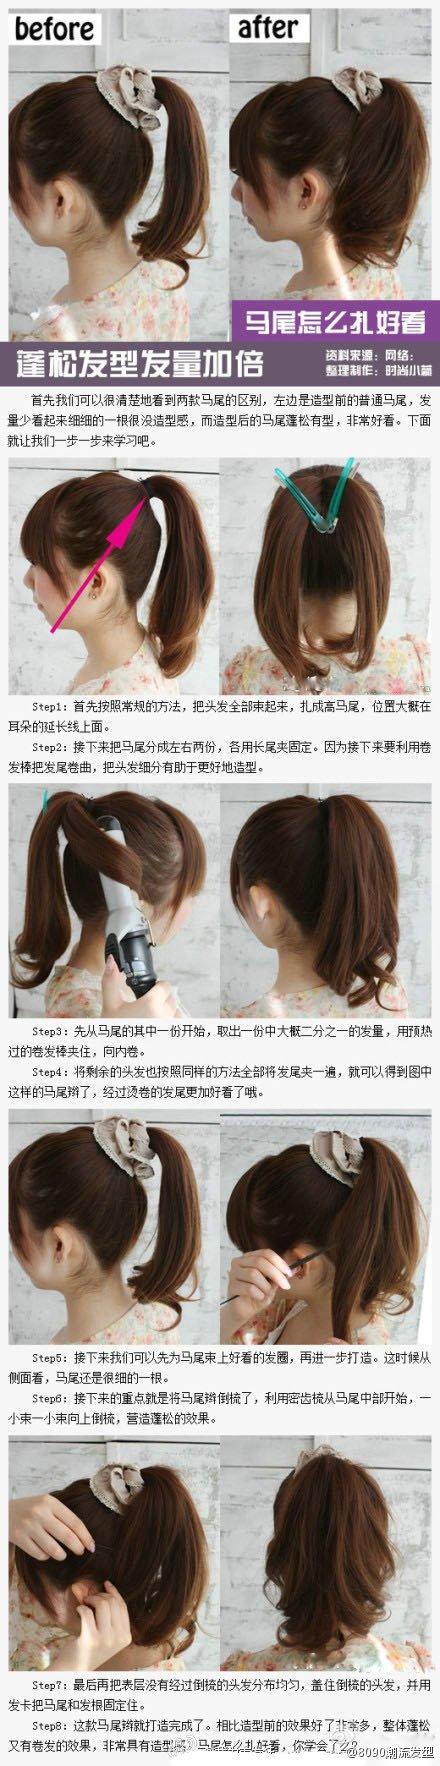 一款適合發量少的蓬鬆髮型扎發。小馬尾華麗大變身!讓我們一起來看看發量少的馬尾怎麼紮好看吧! | Hair styles ...